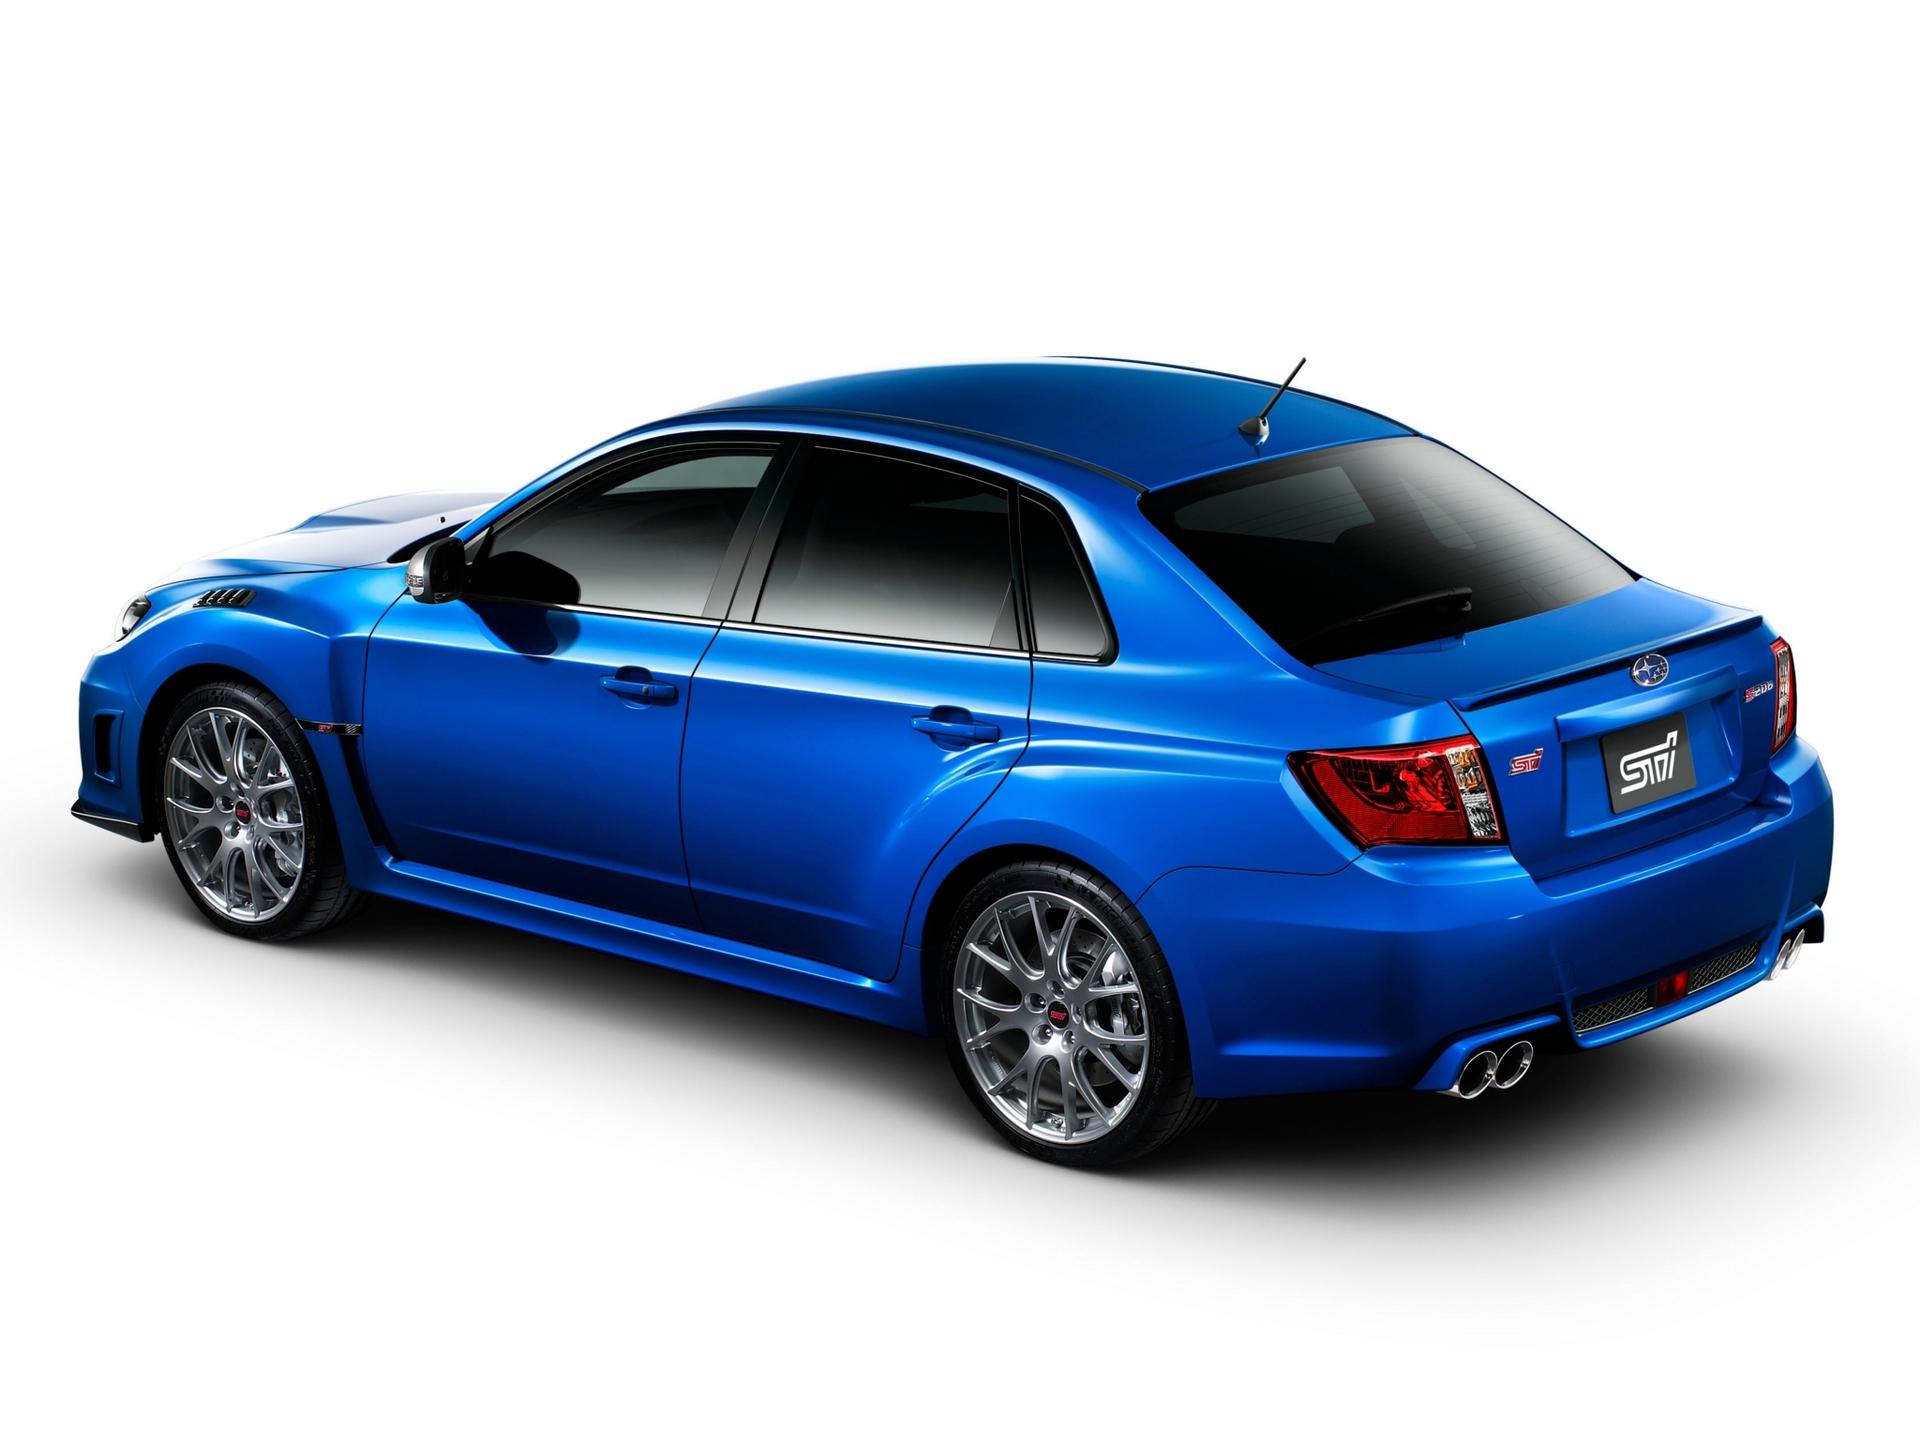 Subaru_Impreza_STI_S206_0002